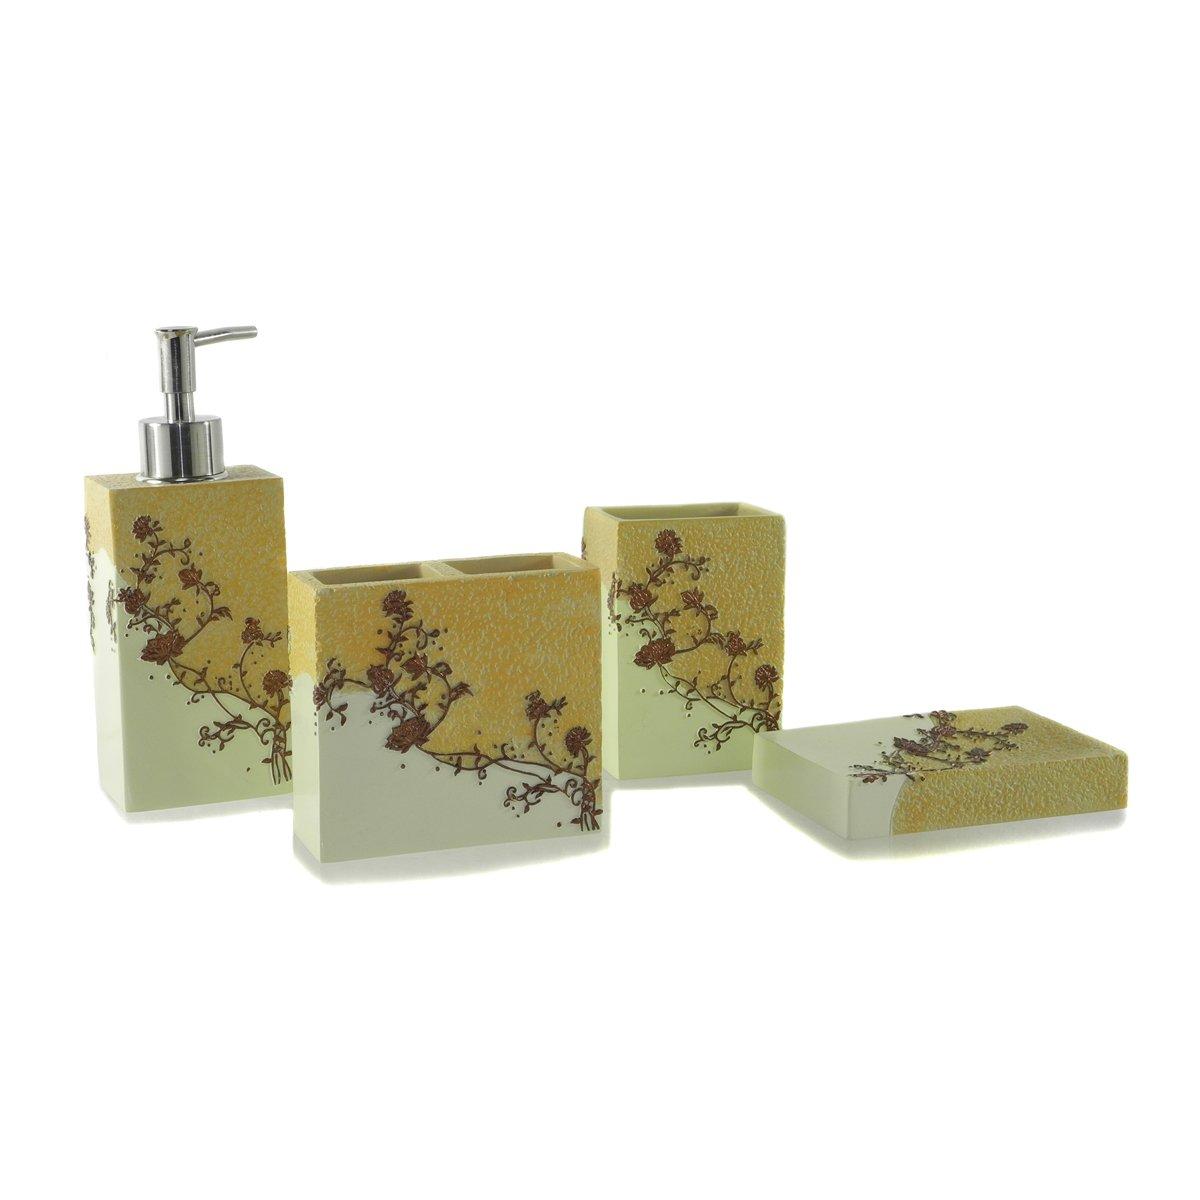 Dream bath fujimoto flowers bath ensemble 4 piece bathroom for Bathroom 4 piece set